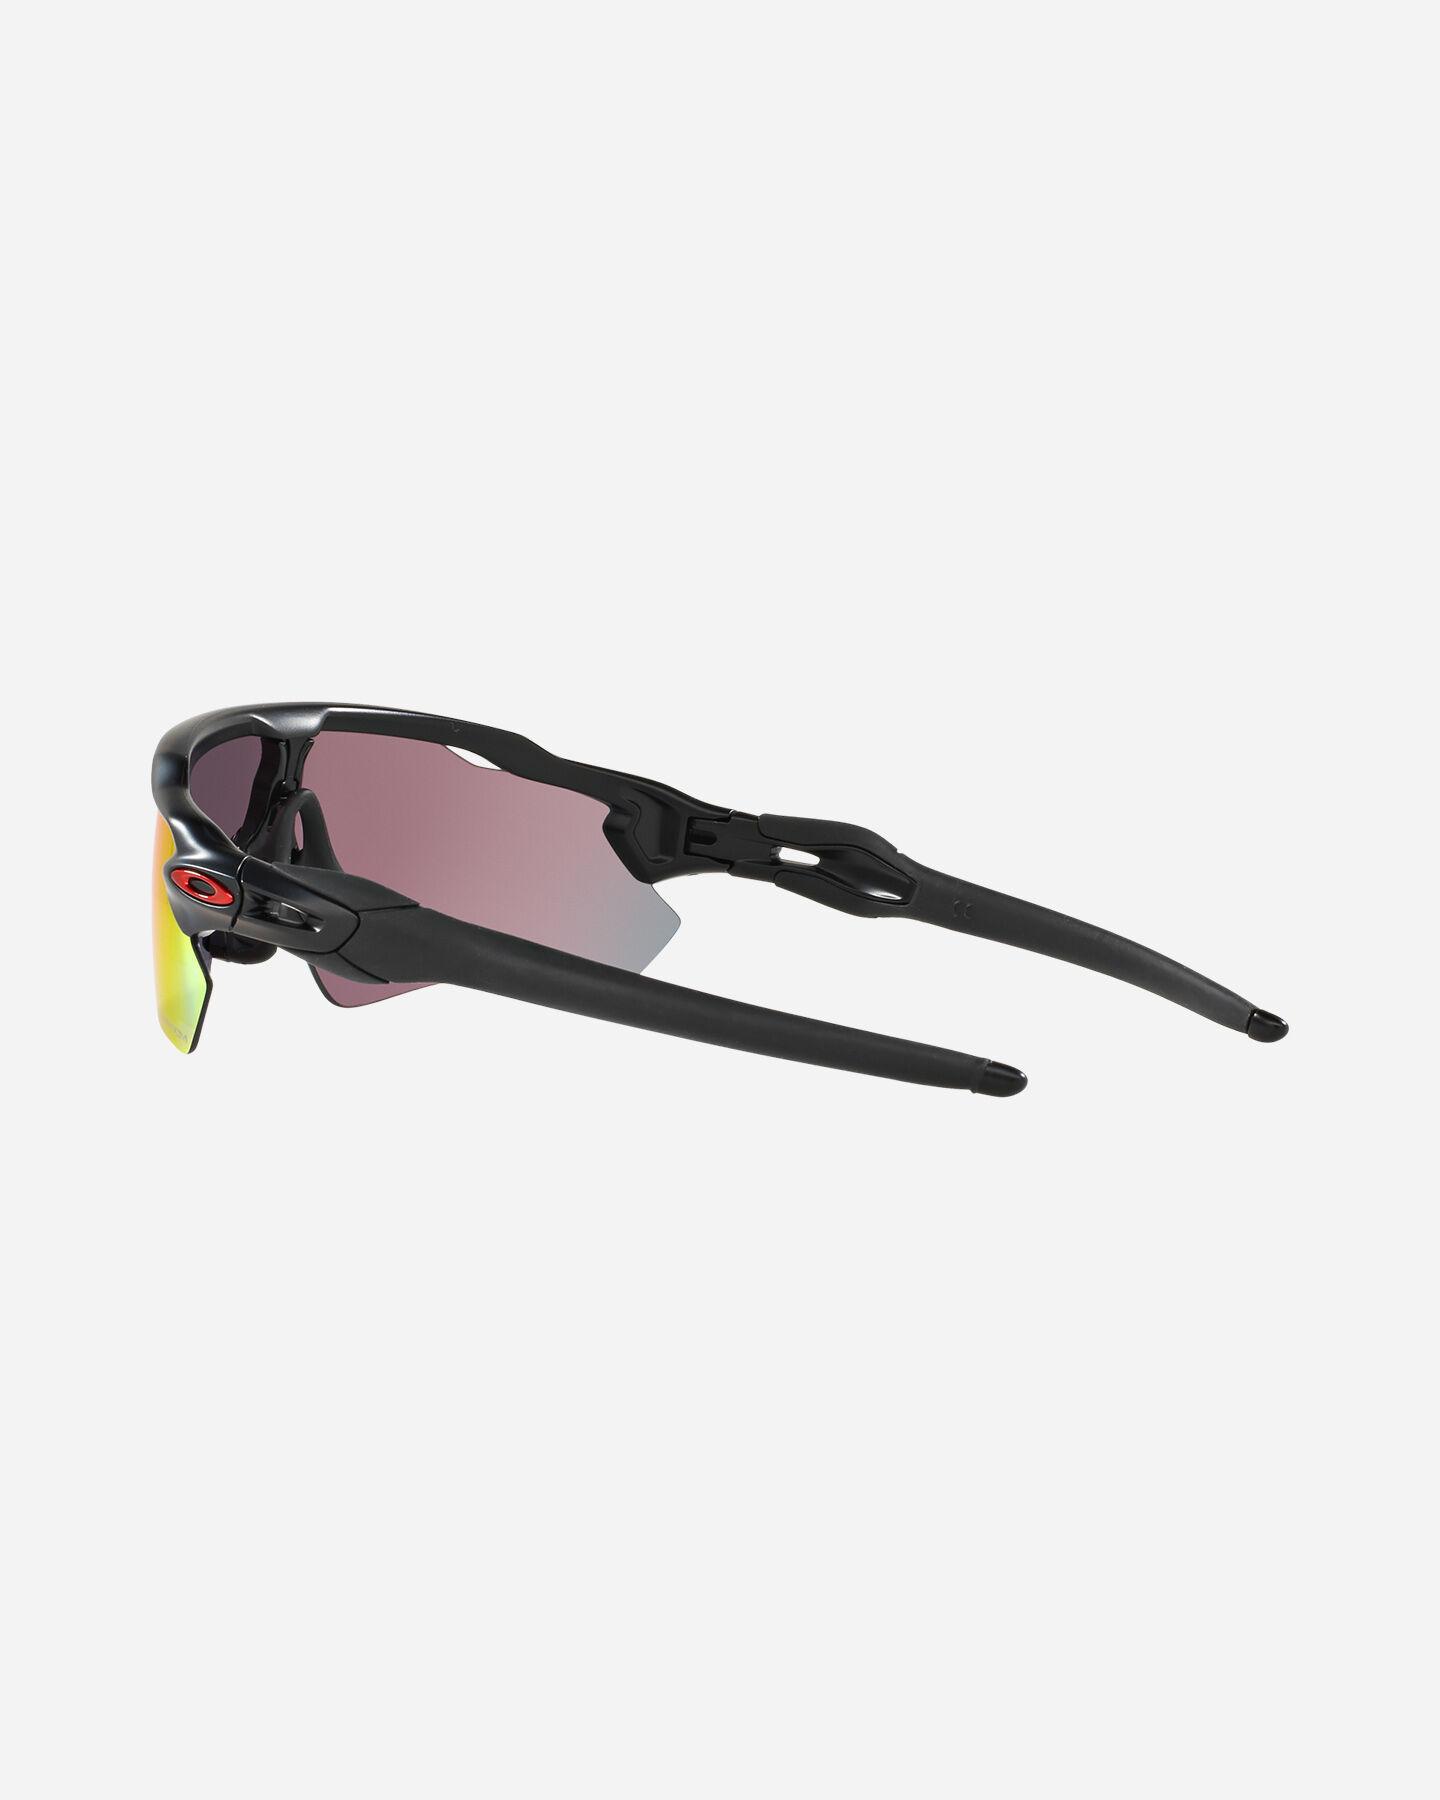 Occhiali OAKLEY RADAR EV PATH PRIZM S4013222 1 UNI scatto 4